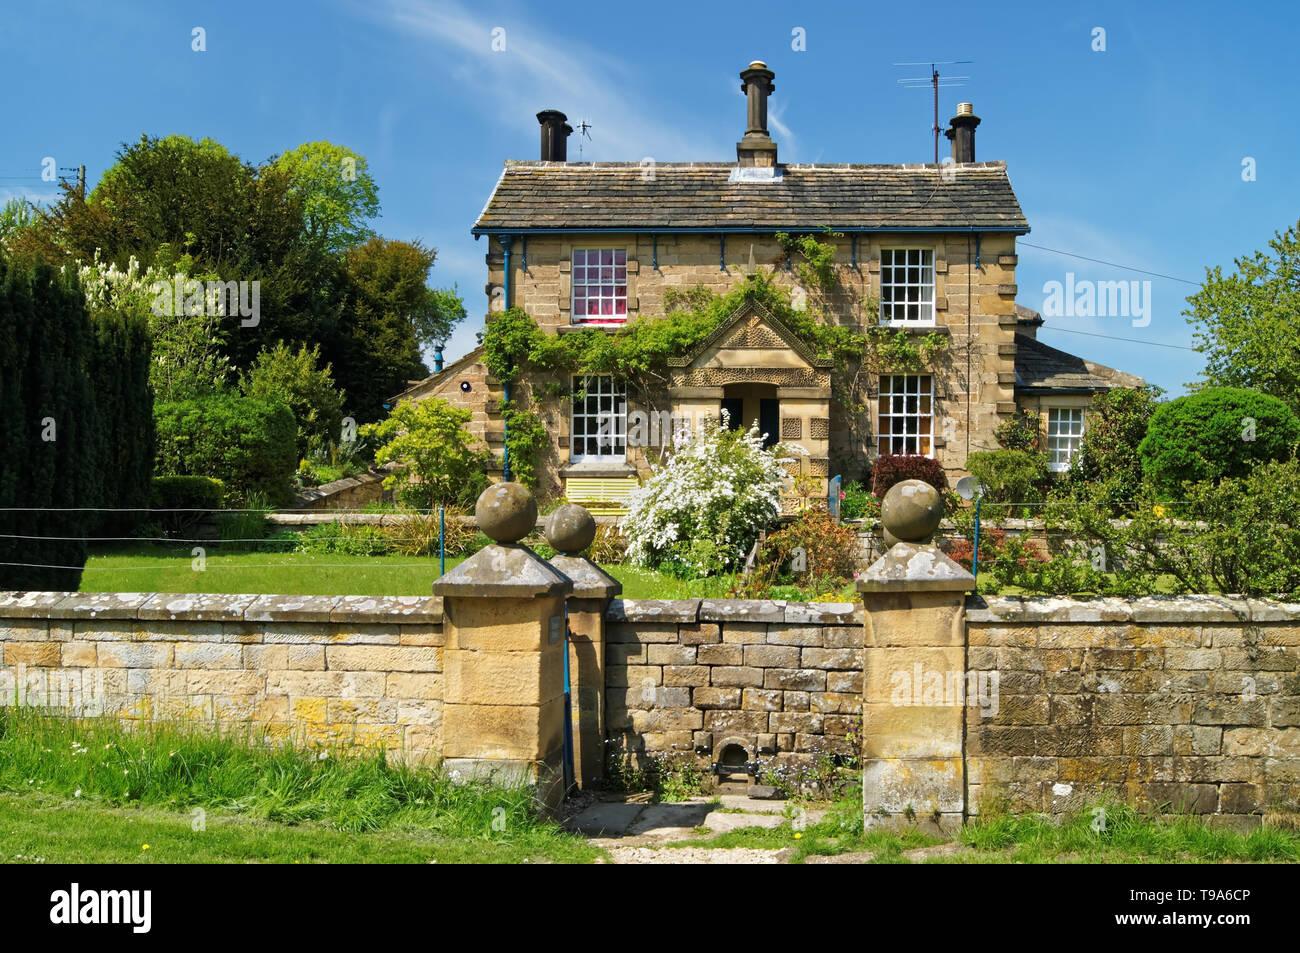 UK,Derbyshire,Peak District,Chatsworth Park,Edensor Cottage - Stock Image